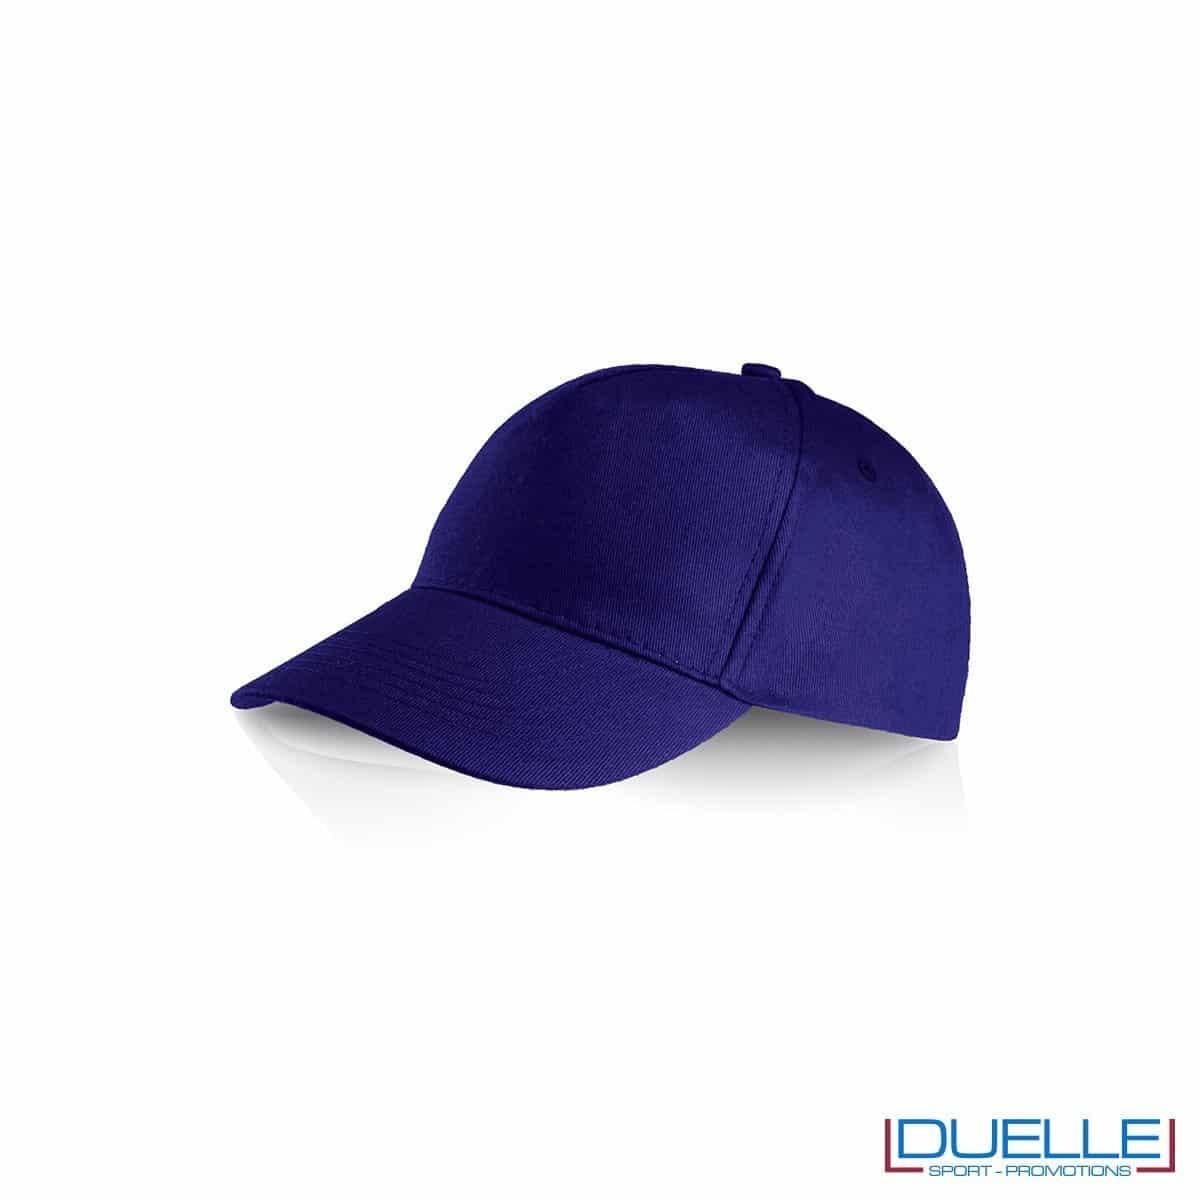 Cappellino personalizzato cotone blu royal, cappellini promozionali baseball, cappellini baseball personalizzati blu royal